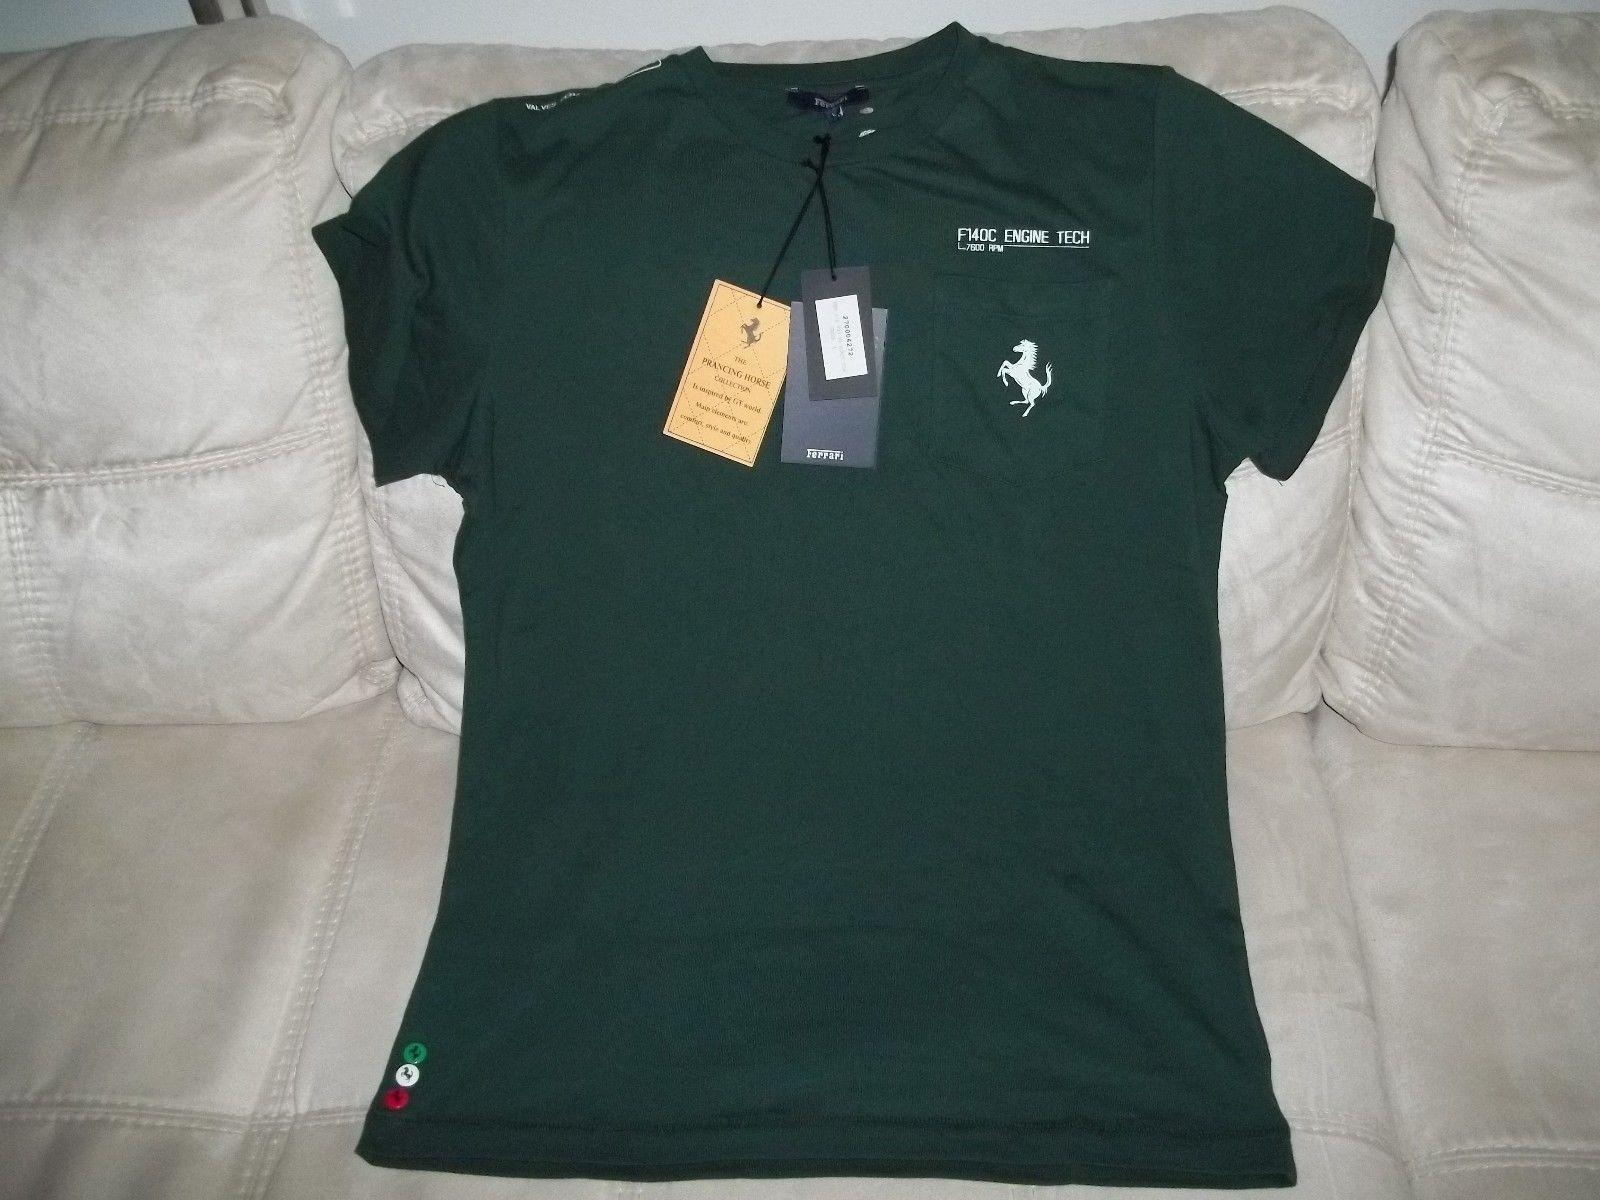 #Ferrariclubsit maglietta originale Ferrari taglia L colore verde NUOVA con etichette https://t.co/9cyFOsxNJ8 https://t.co/DxPHya7Yv7